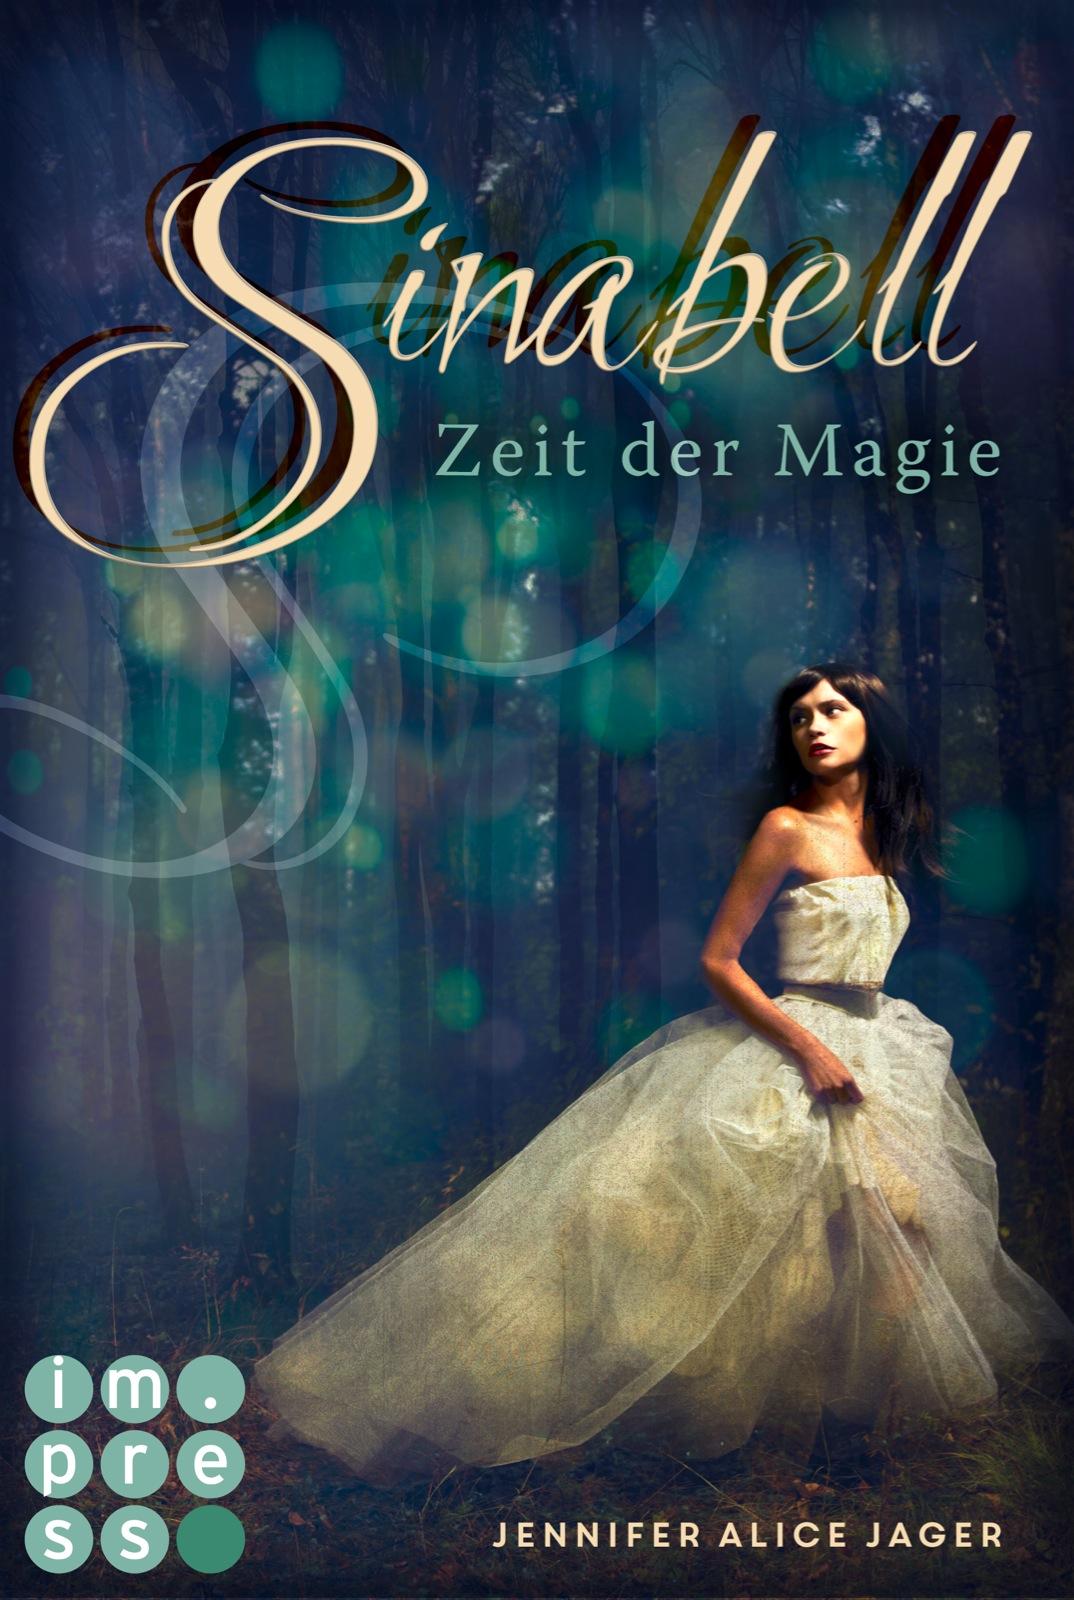 Jager, Jennifer Alice: Sinabell - Zeit der Magie